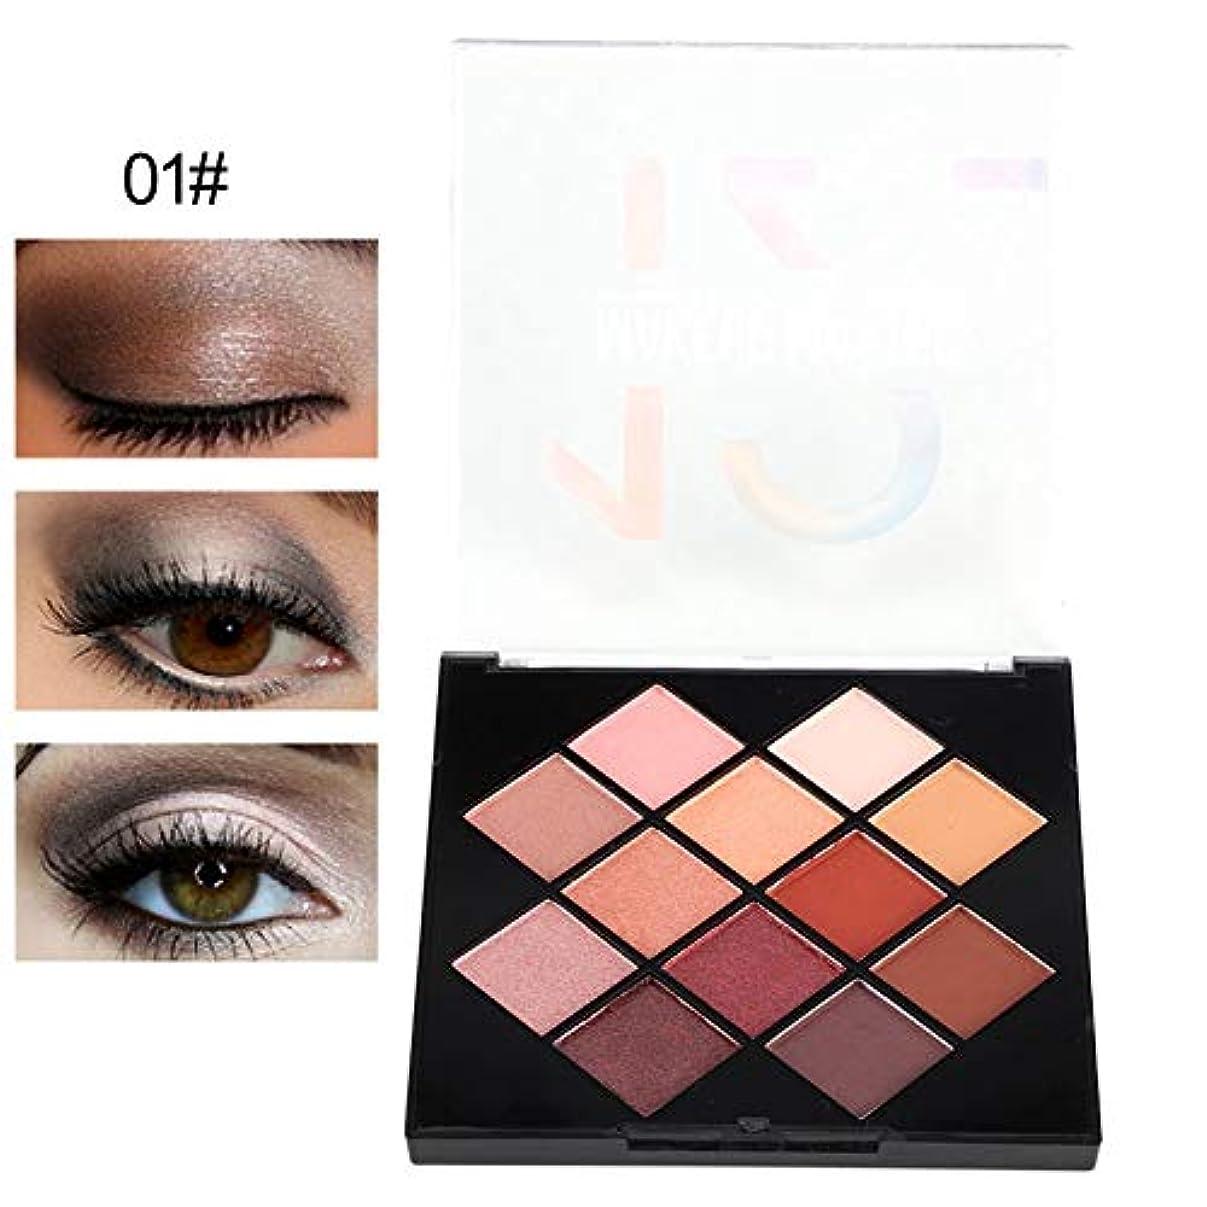 自由ピル大統領アイシャドウパレット 12色 化粧マット 化粧品ツール グロス アイシャドウパウダー (01)